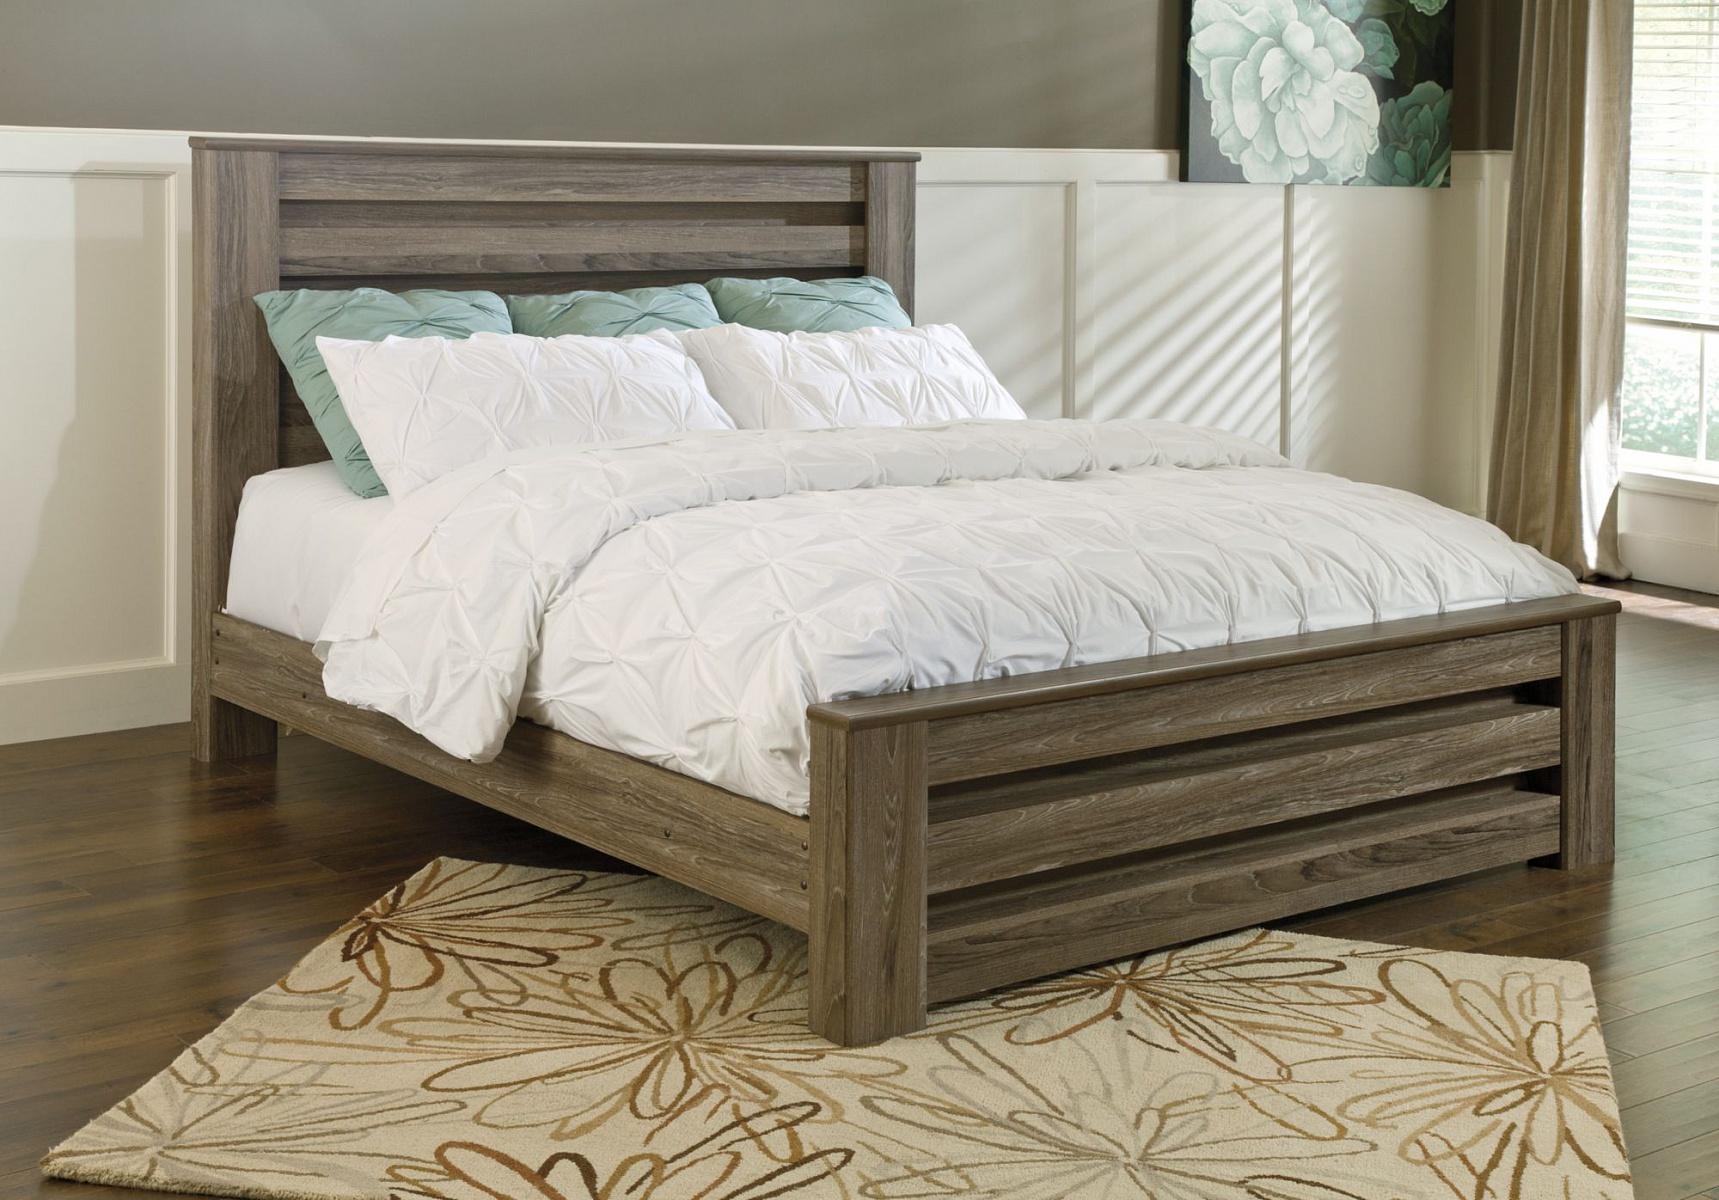 Двуспальная кровать King Size с низким изголовьем